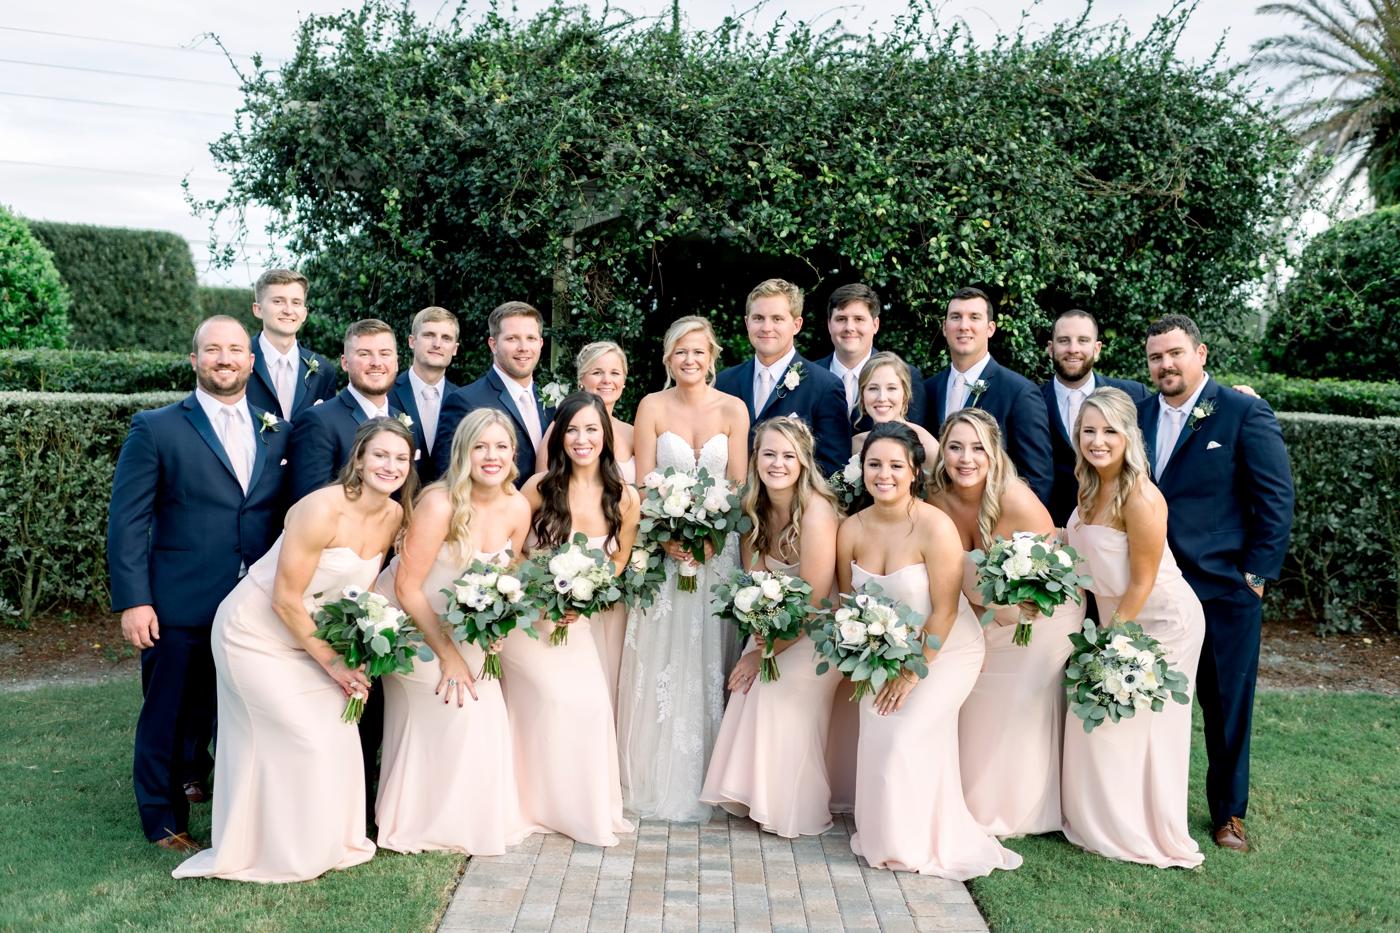 Vero Beach Wedding Party